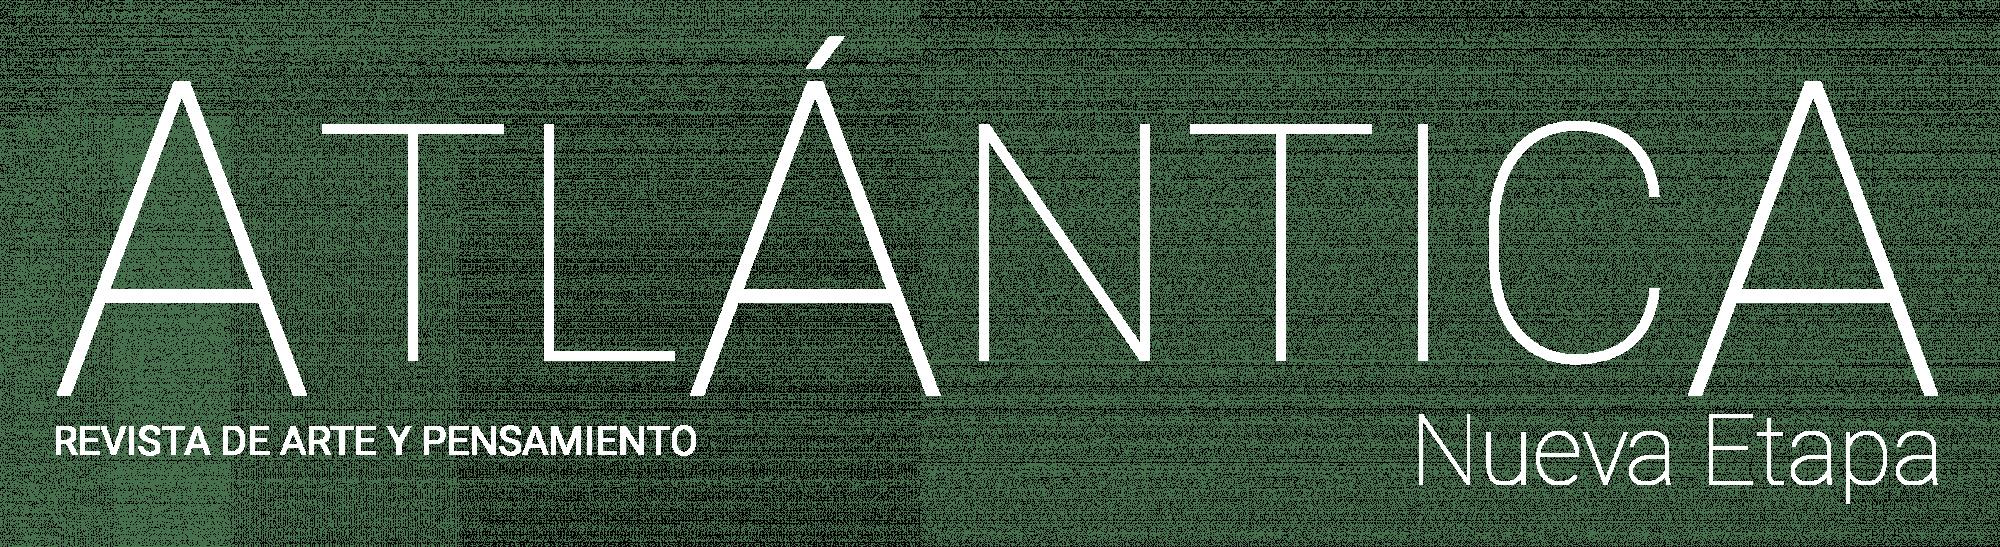 Logotipo de Atlántica. Revista de Arte y Pensamiento. Nueva Etapa